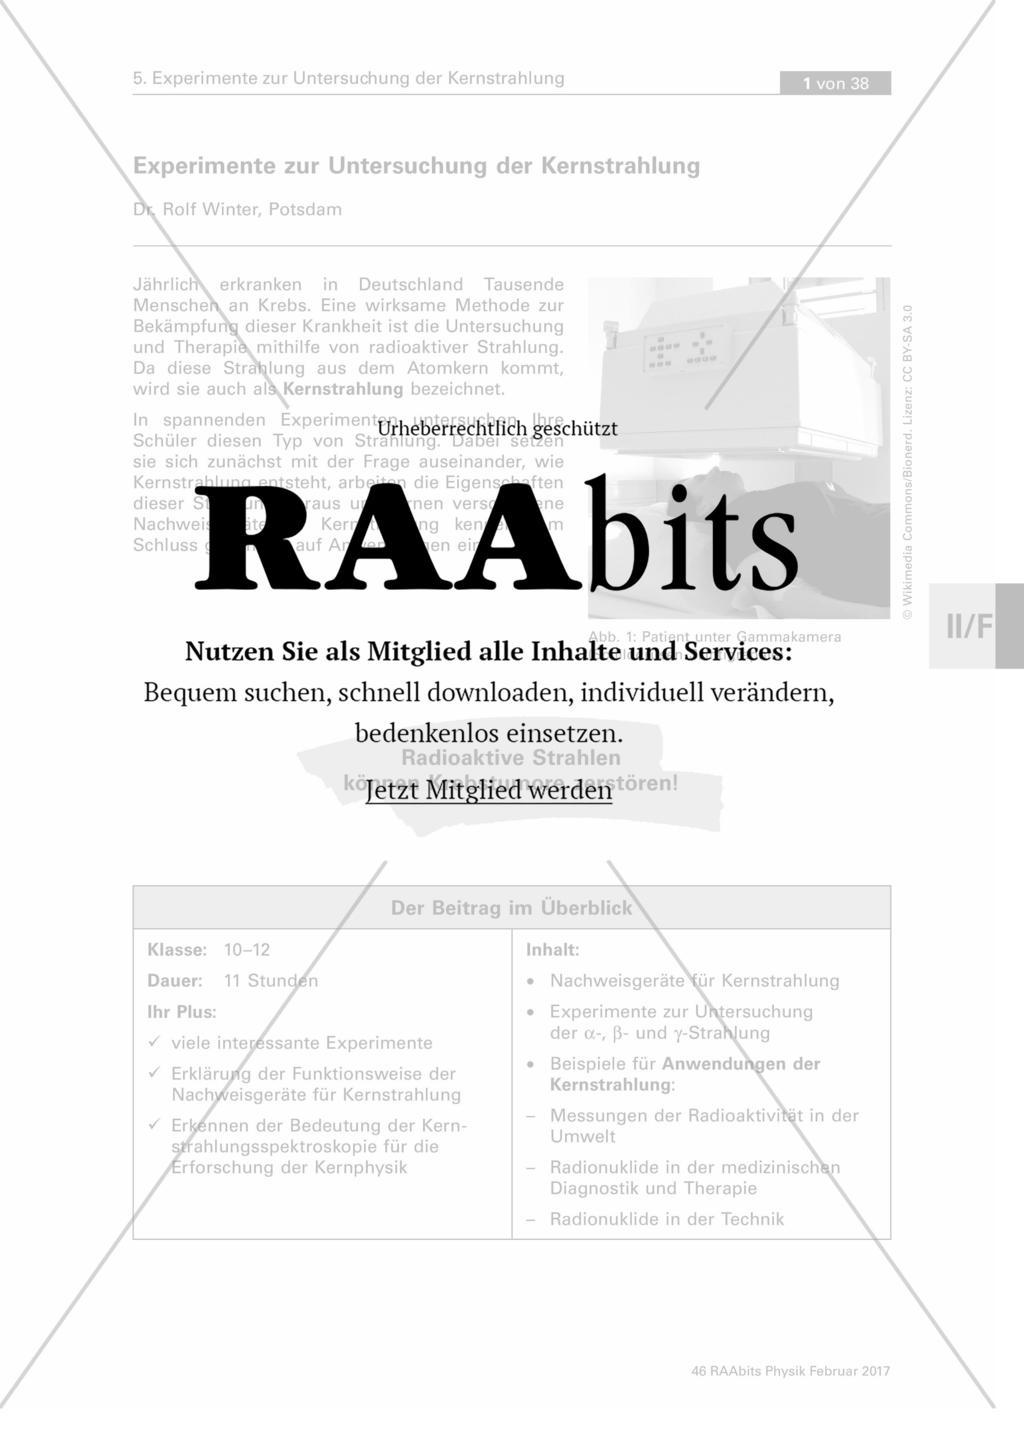 Experimente zur Untersuchung der Kernstrahlung – RAAbits Physik online